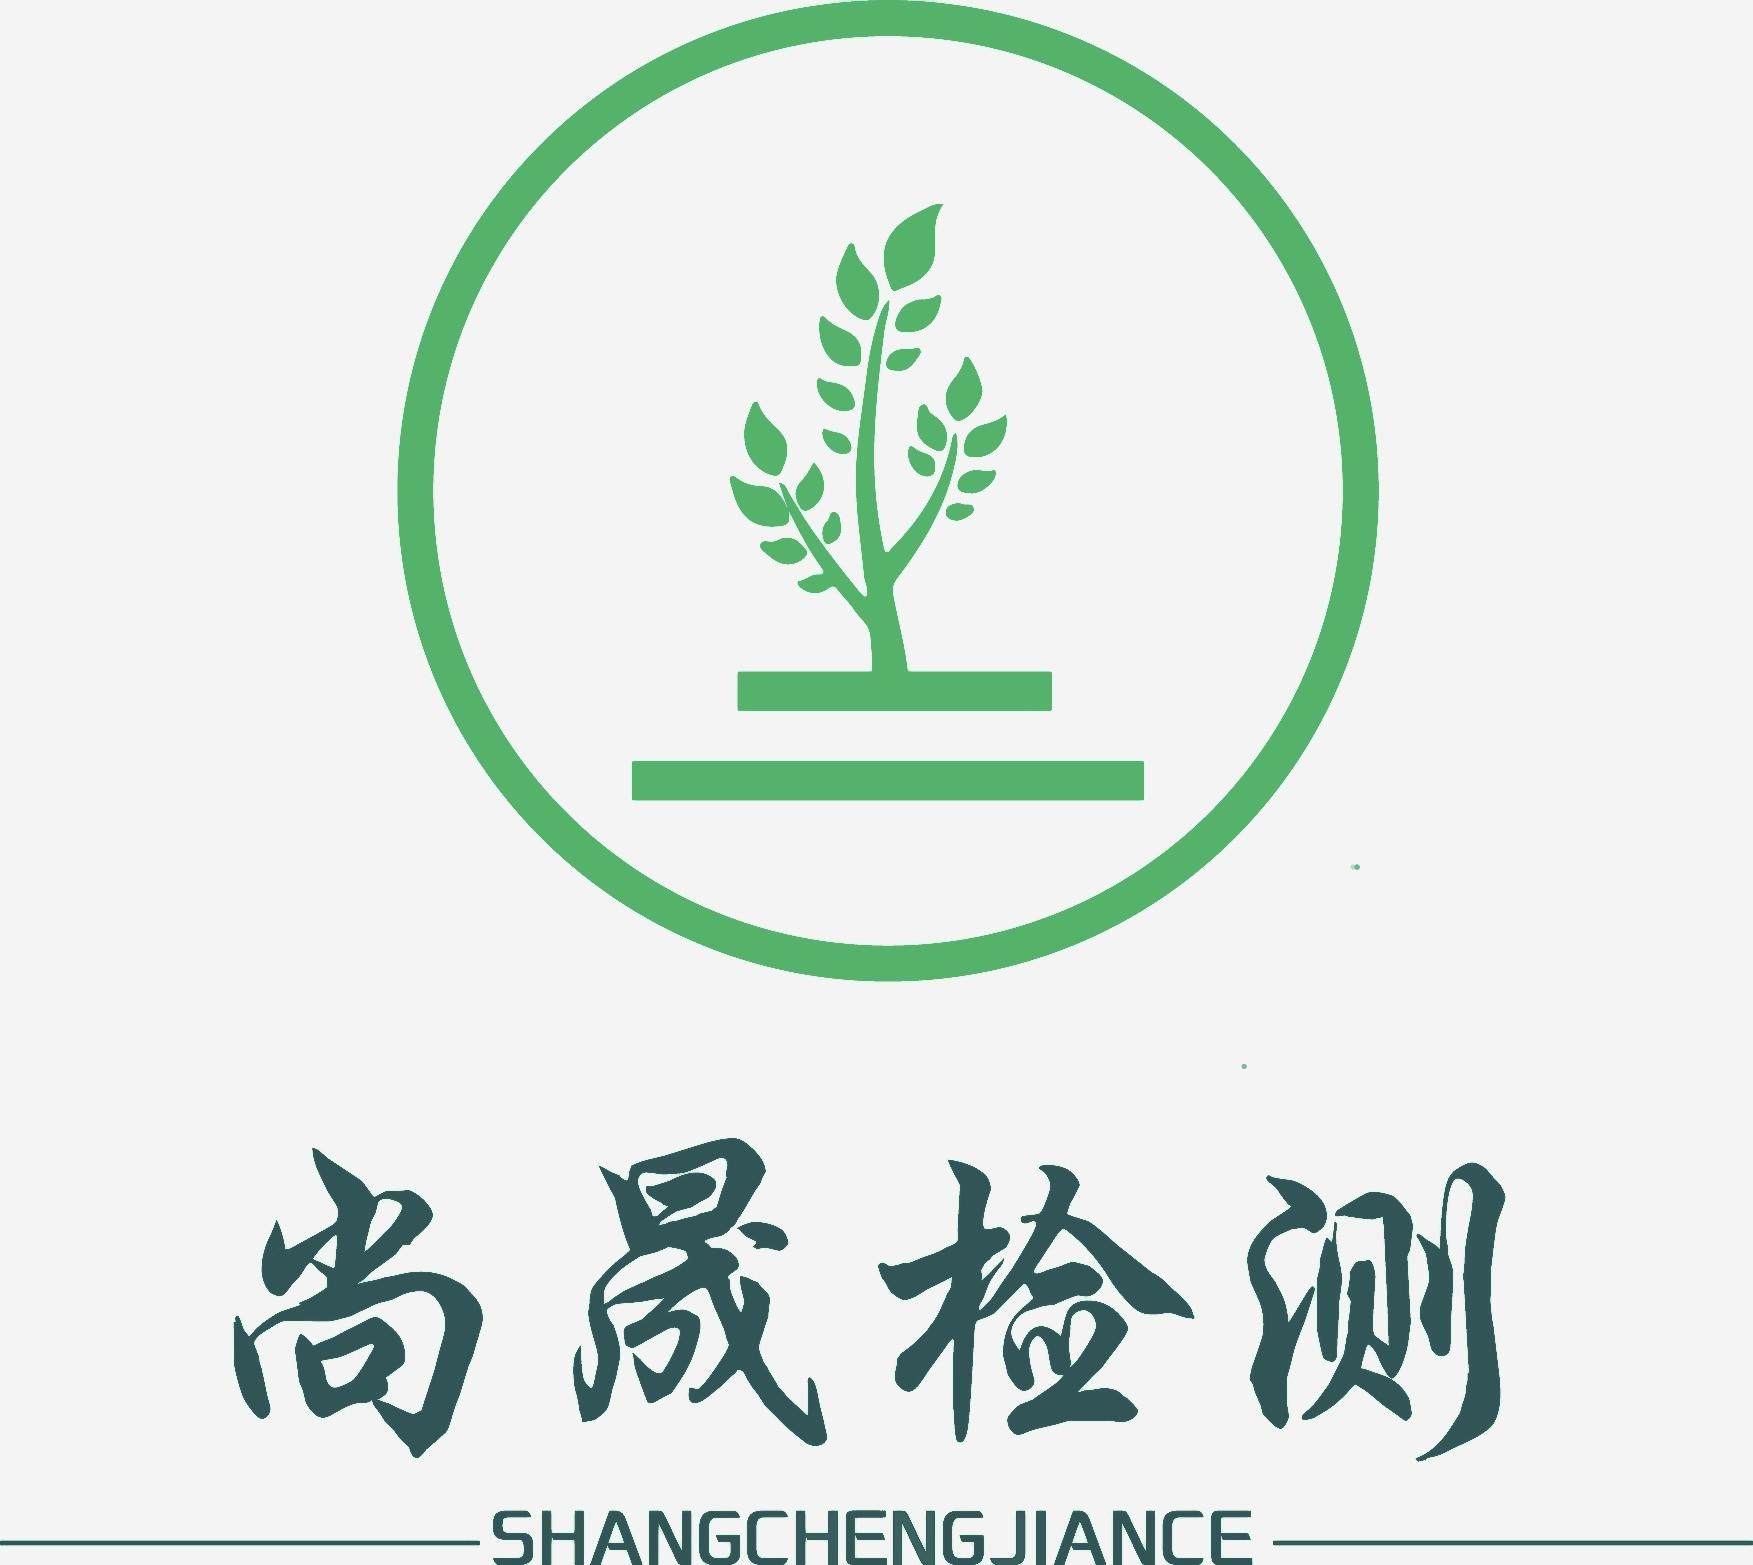 杭州尚晟检测科技有限公司